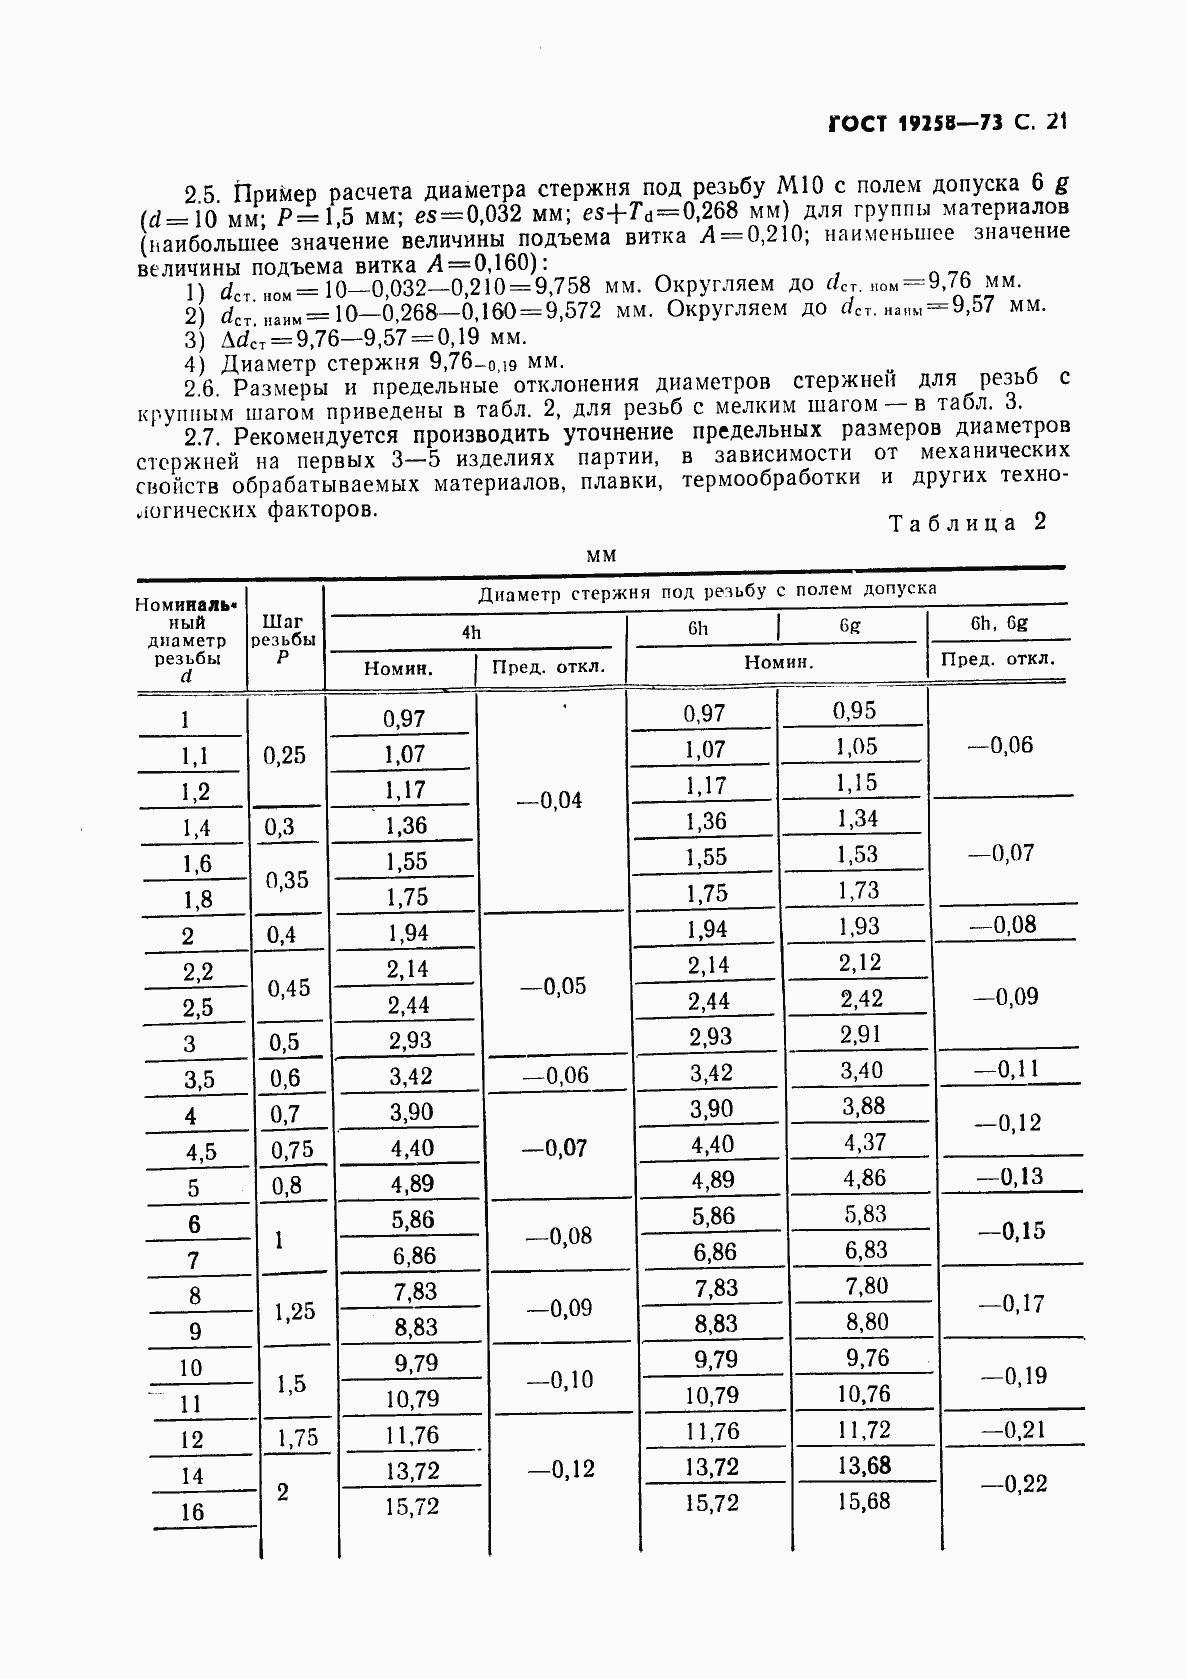 ГОСТ 19258-73. Страница 23